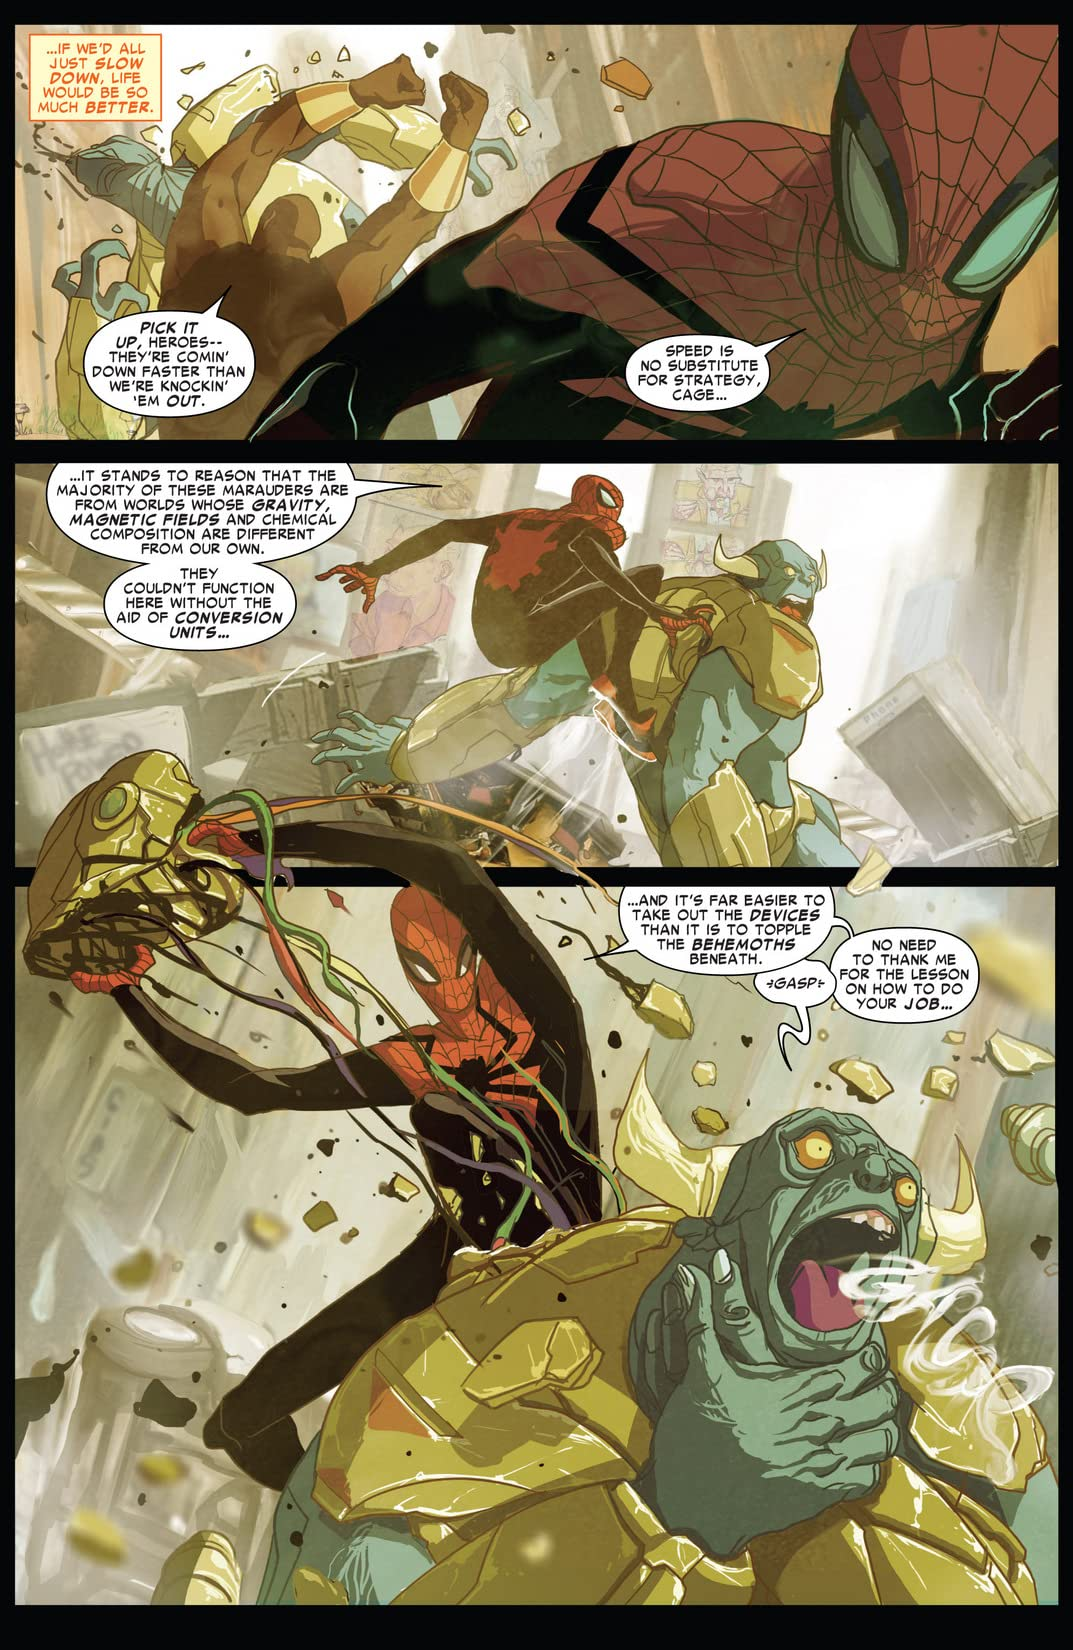 Superior Spider-Man Team-Up #3